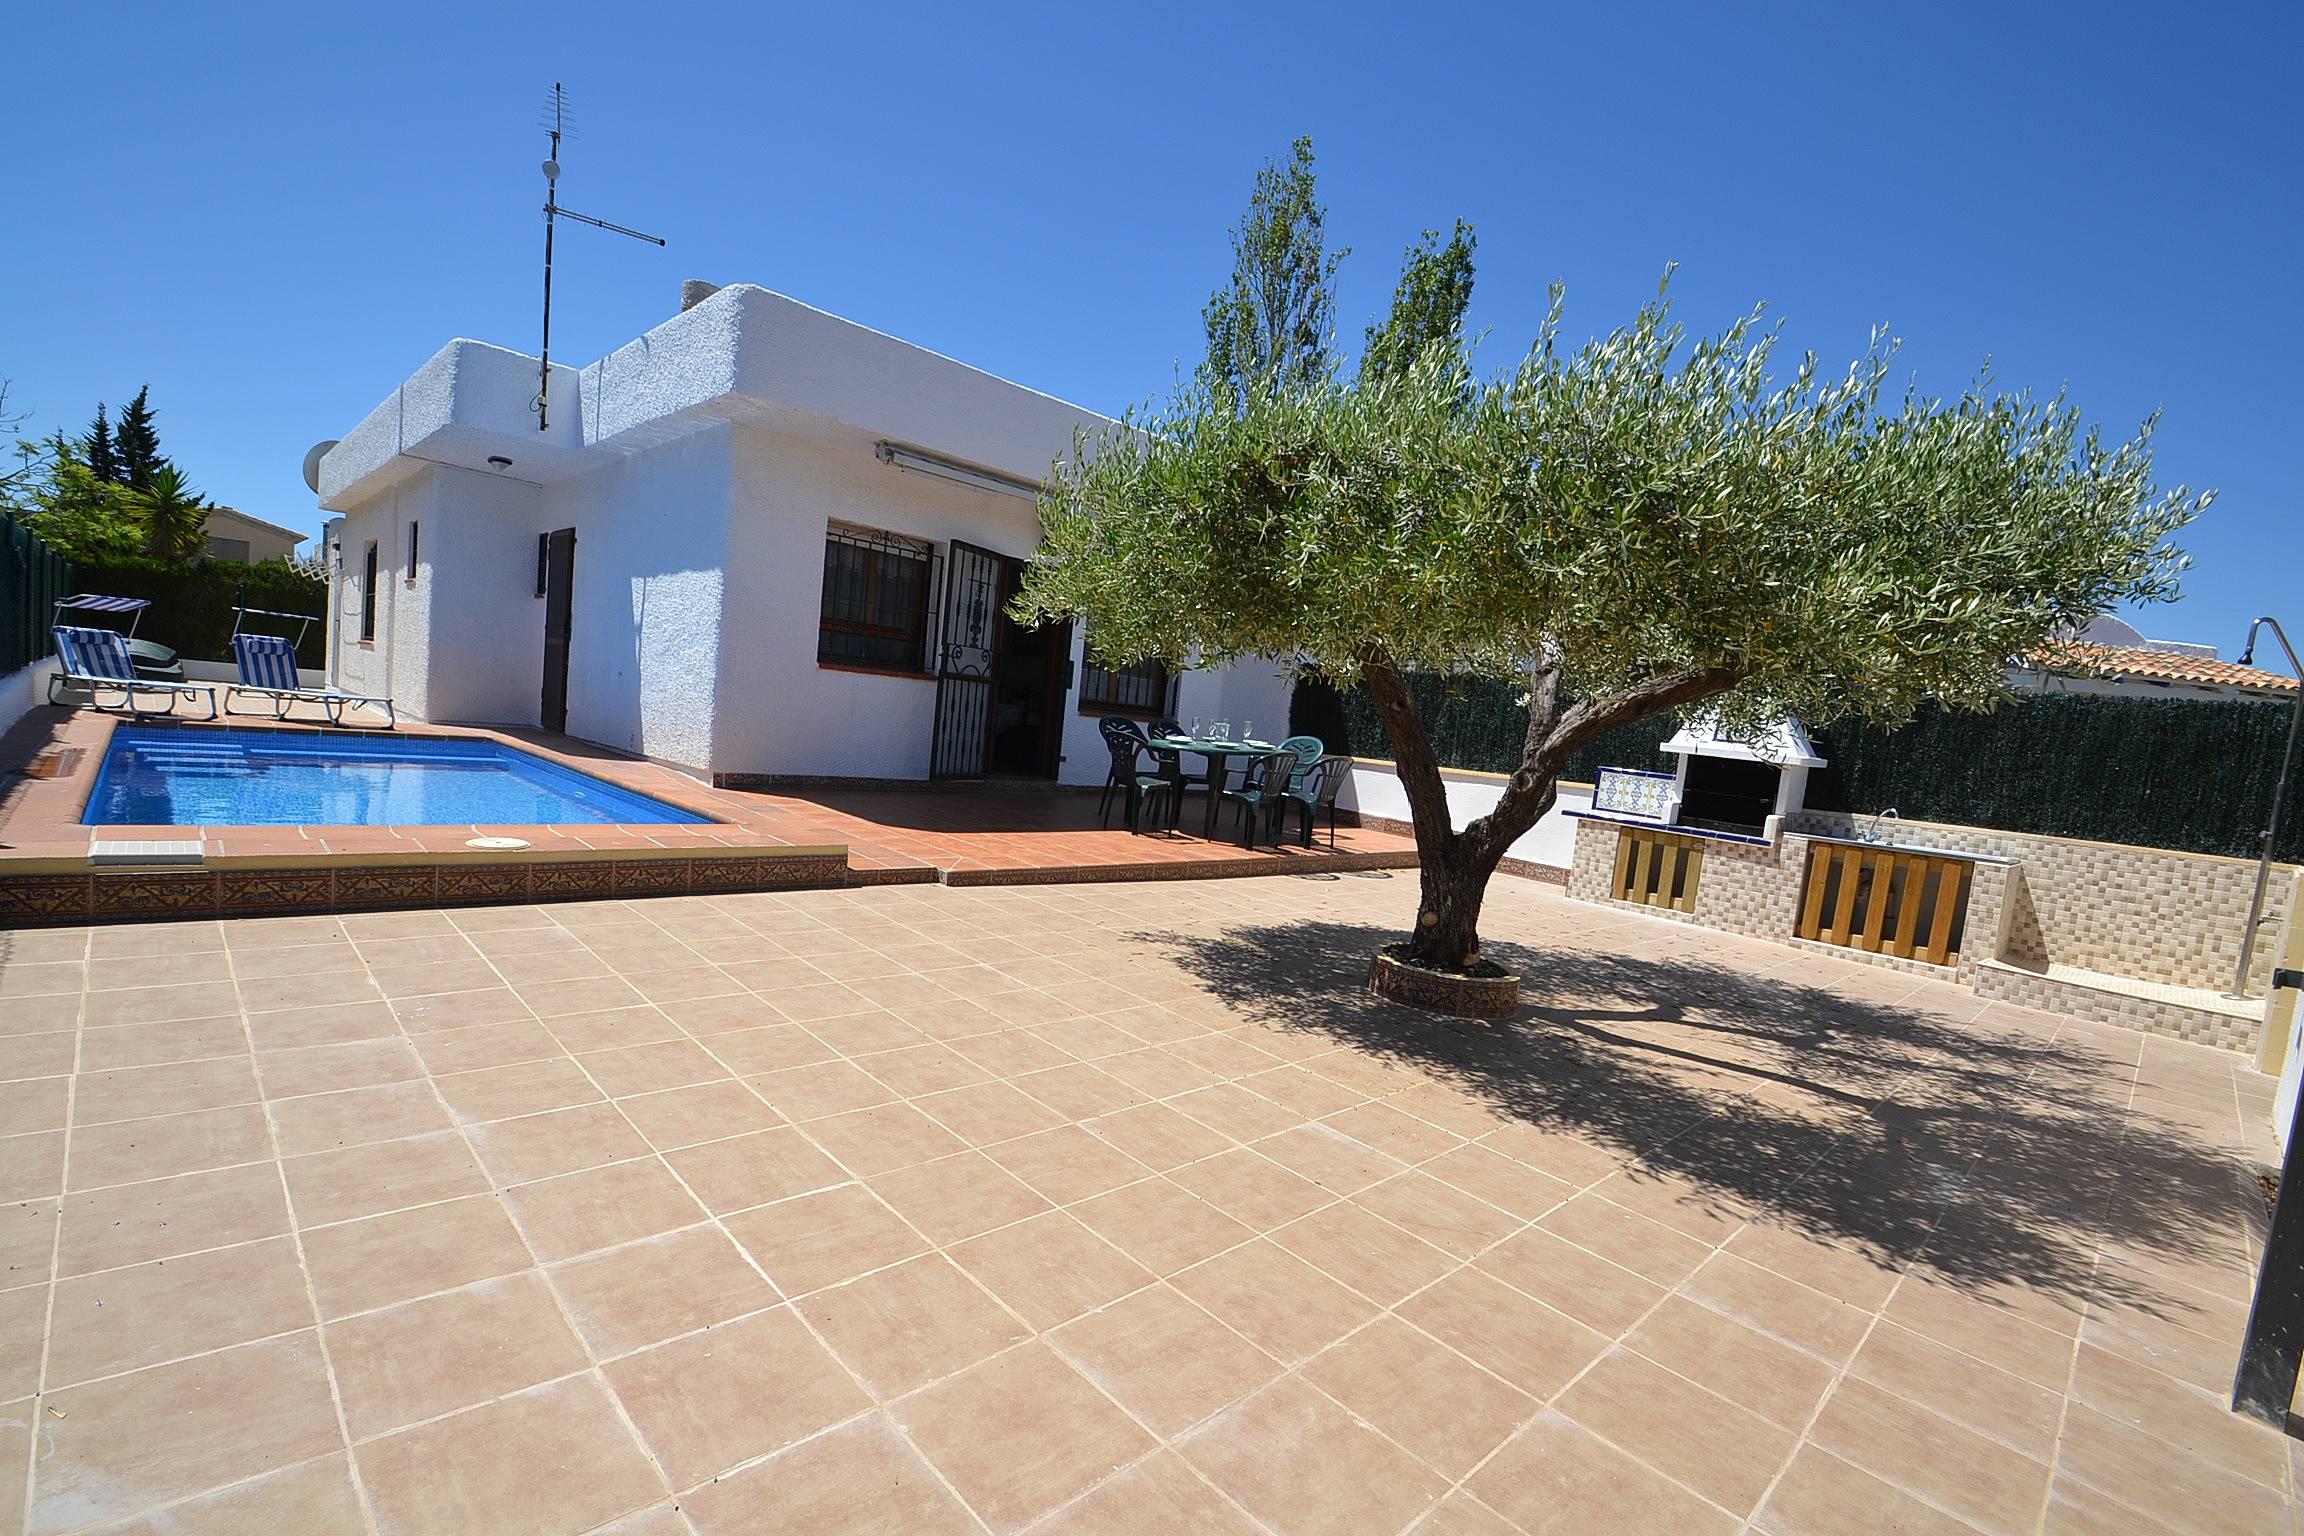 Casa de alquiler a 250 m de la playa riumar deltebre - Alquiler casas vacacionales costa dorada ...